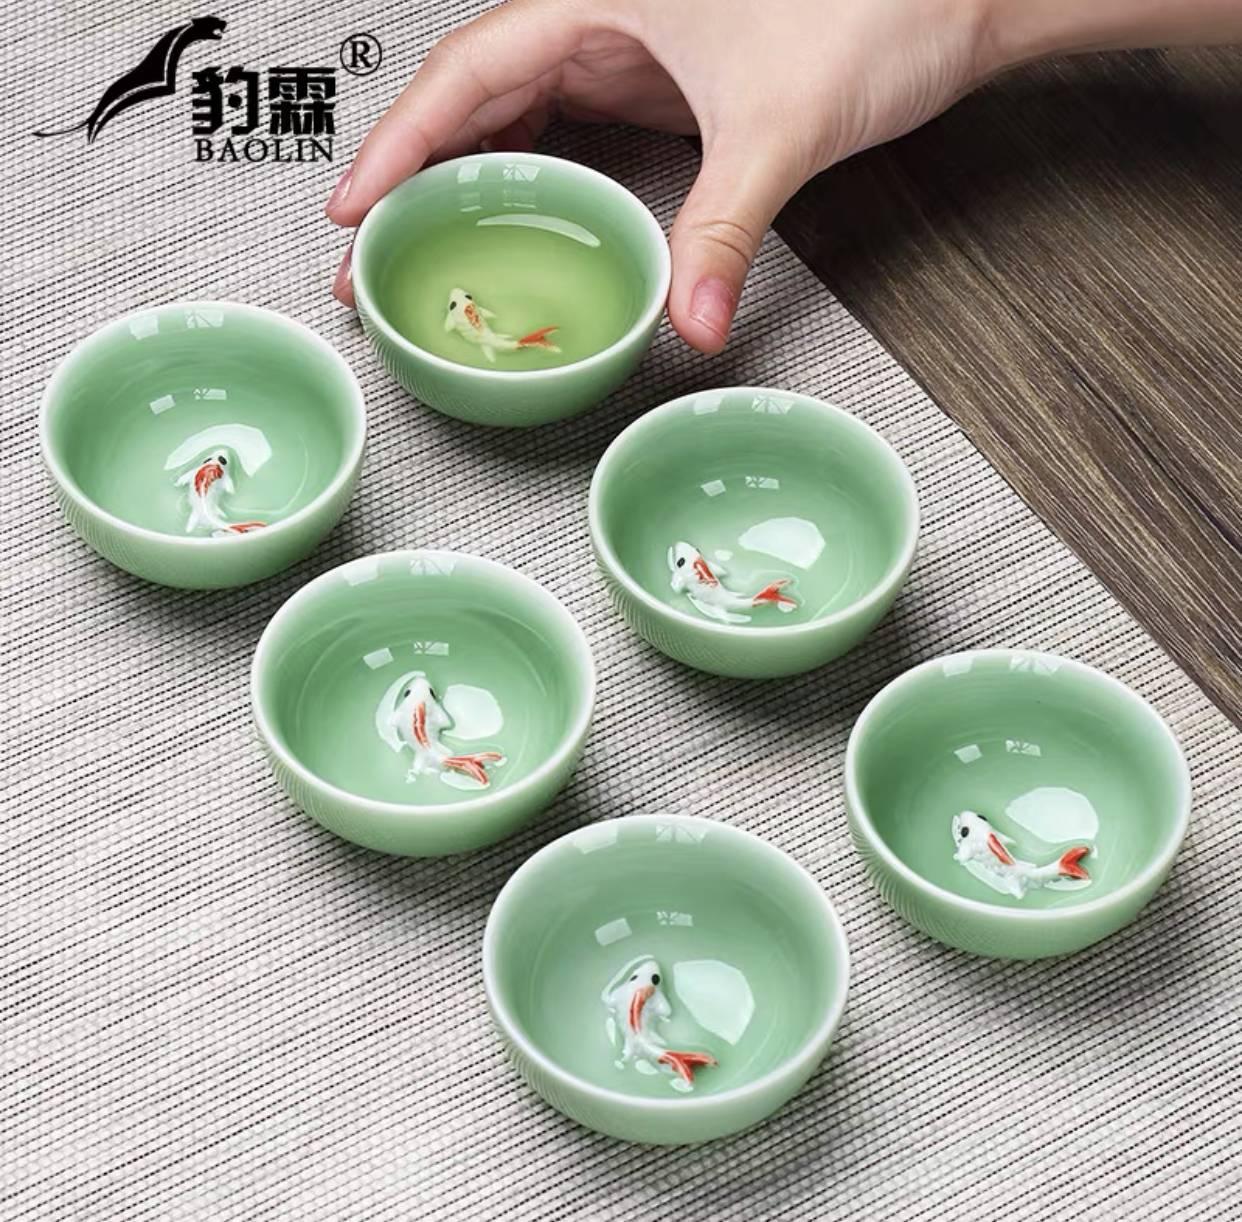 豹霖 龙泉陶瓷 青瓷功夫茶具 茶杯 6个